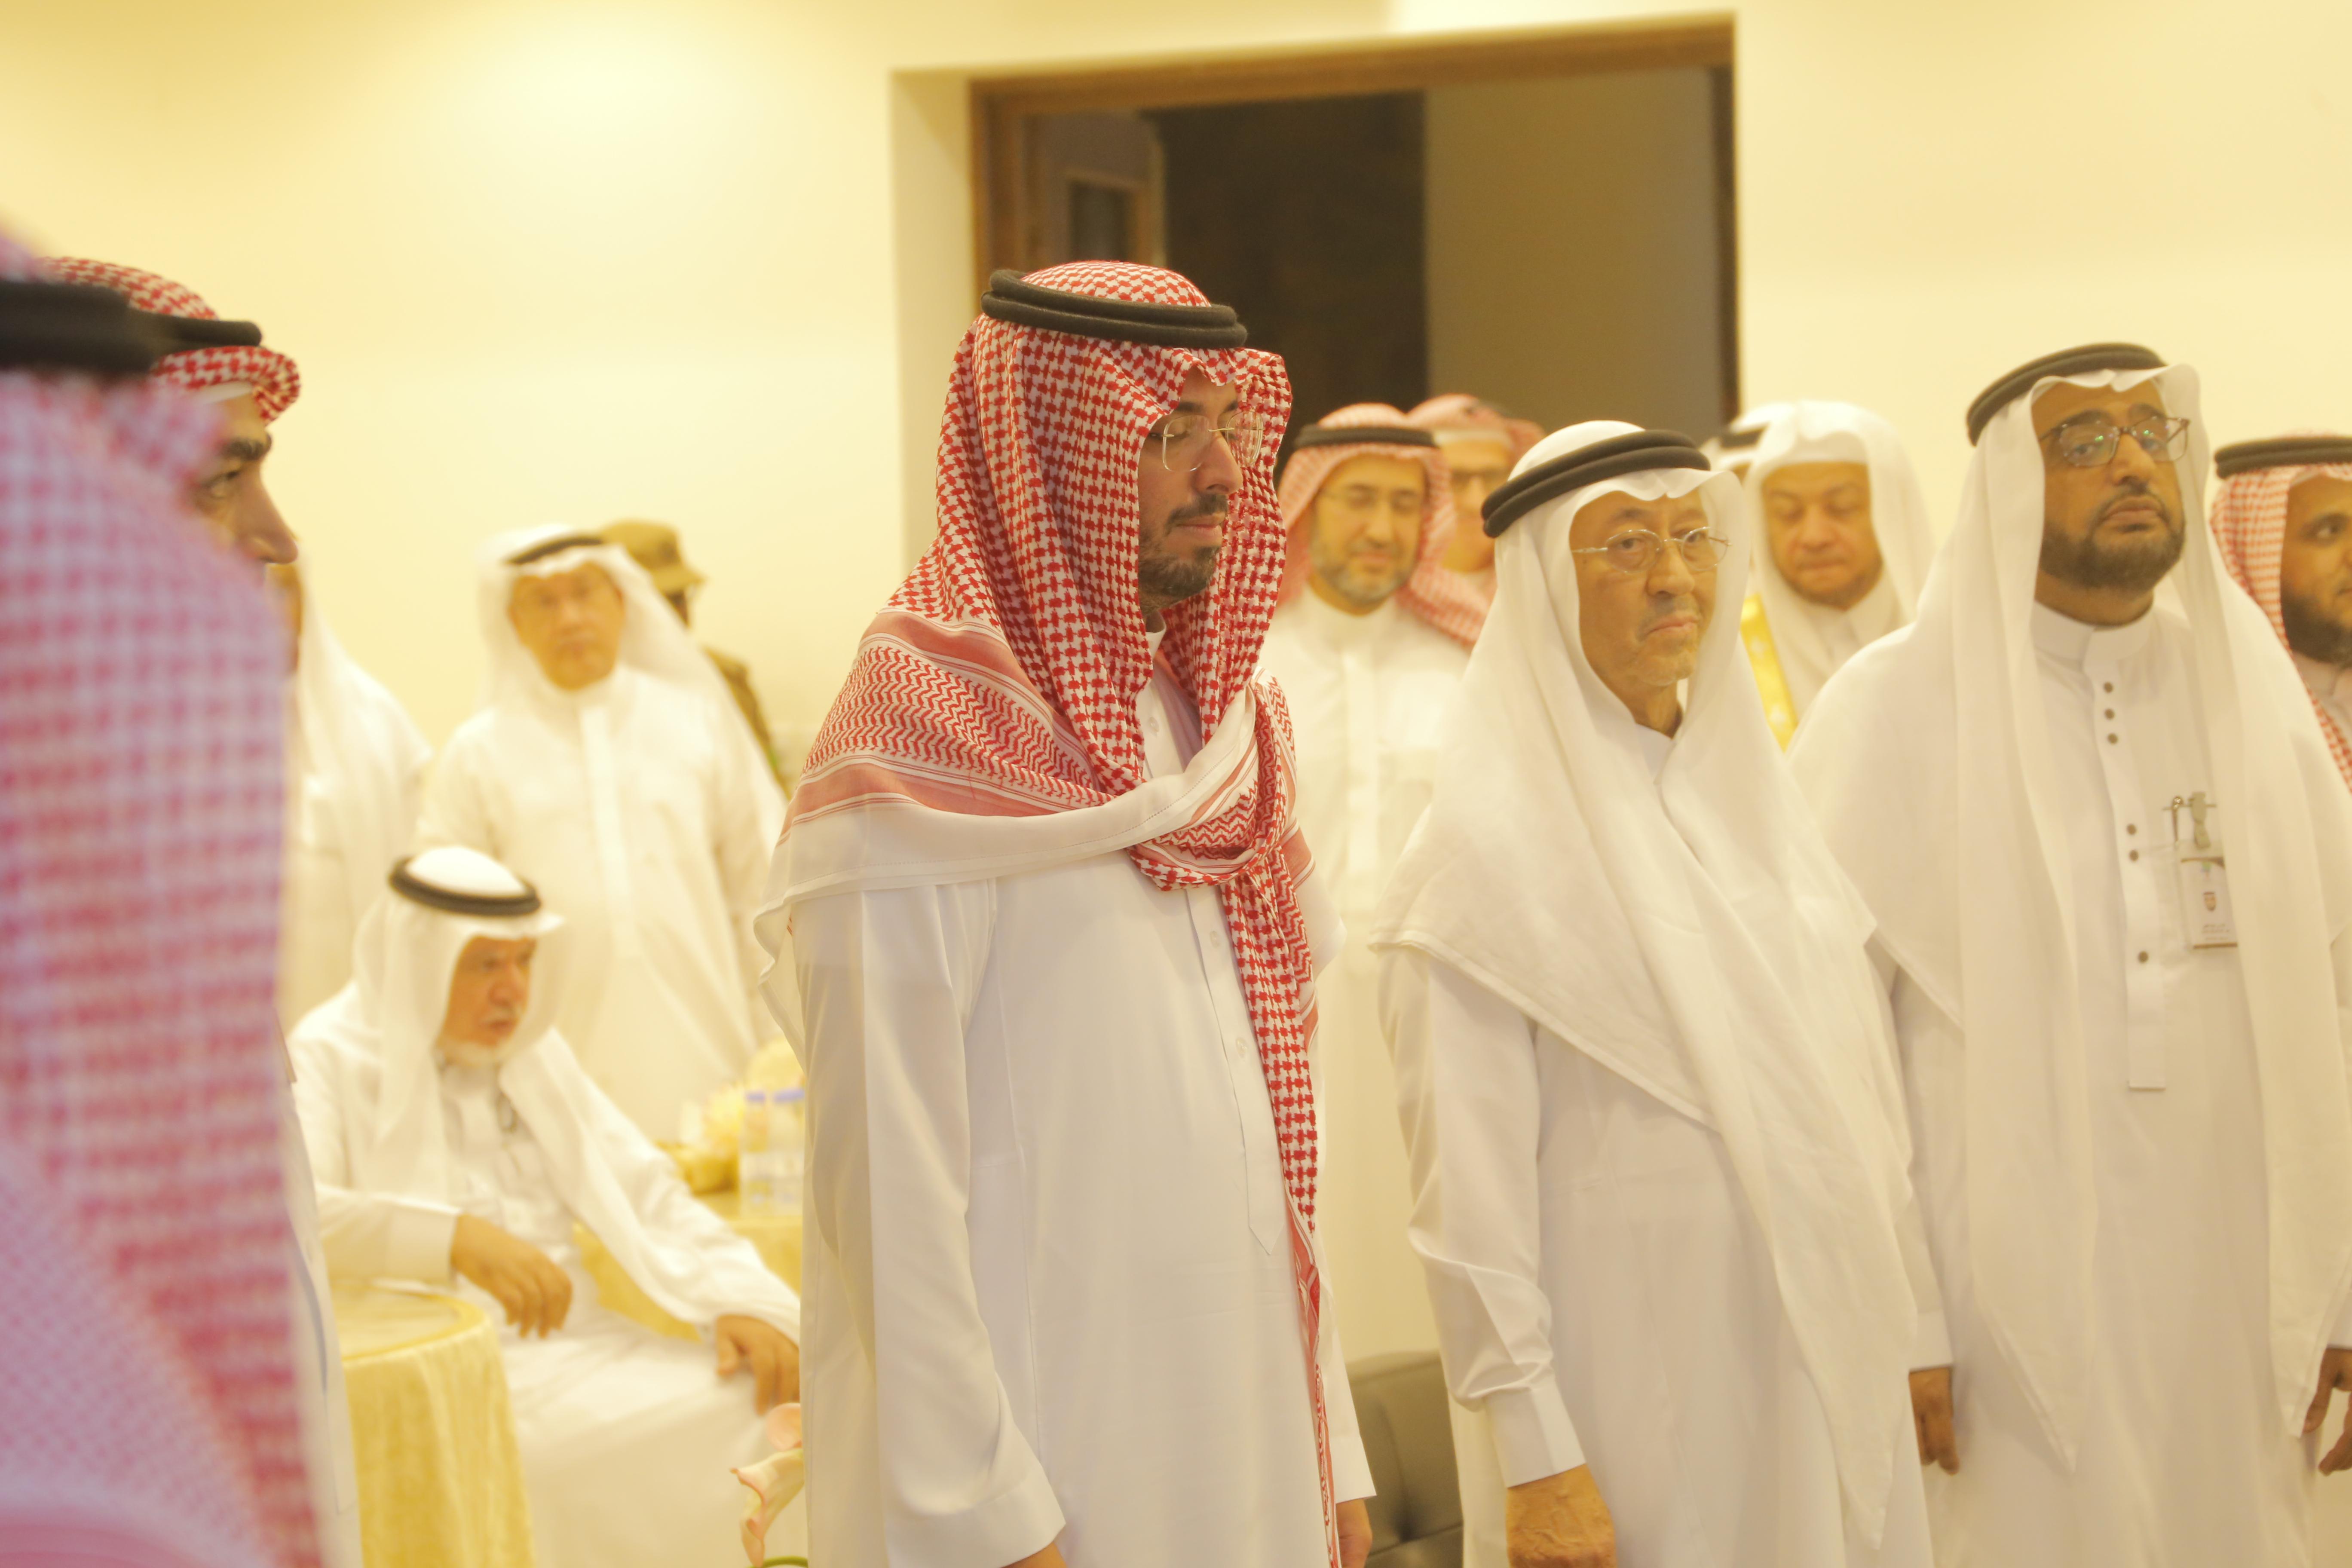 وكيل محافظة جدة يزور مركز حي المحمدية النموذجي الت